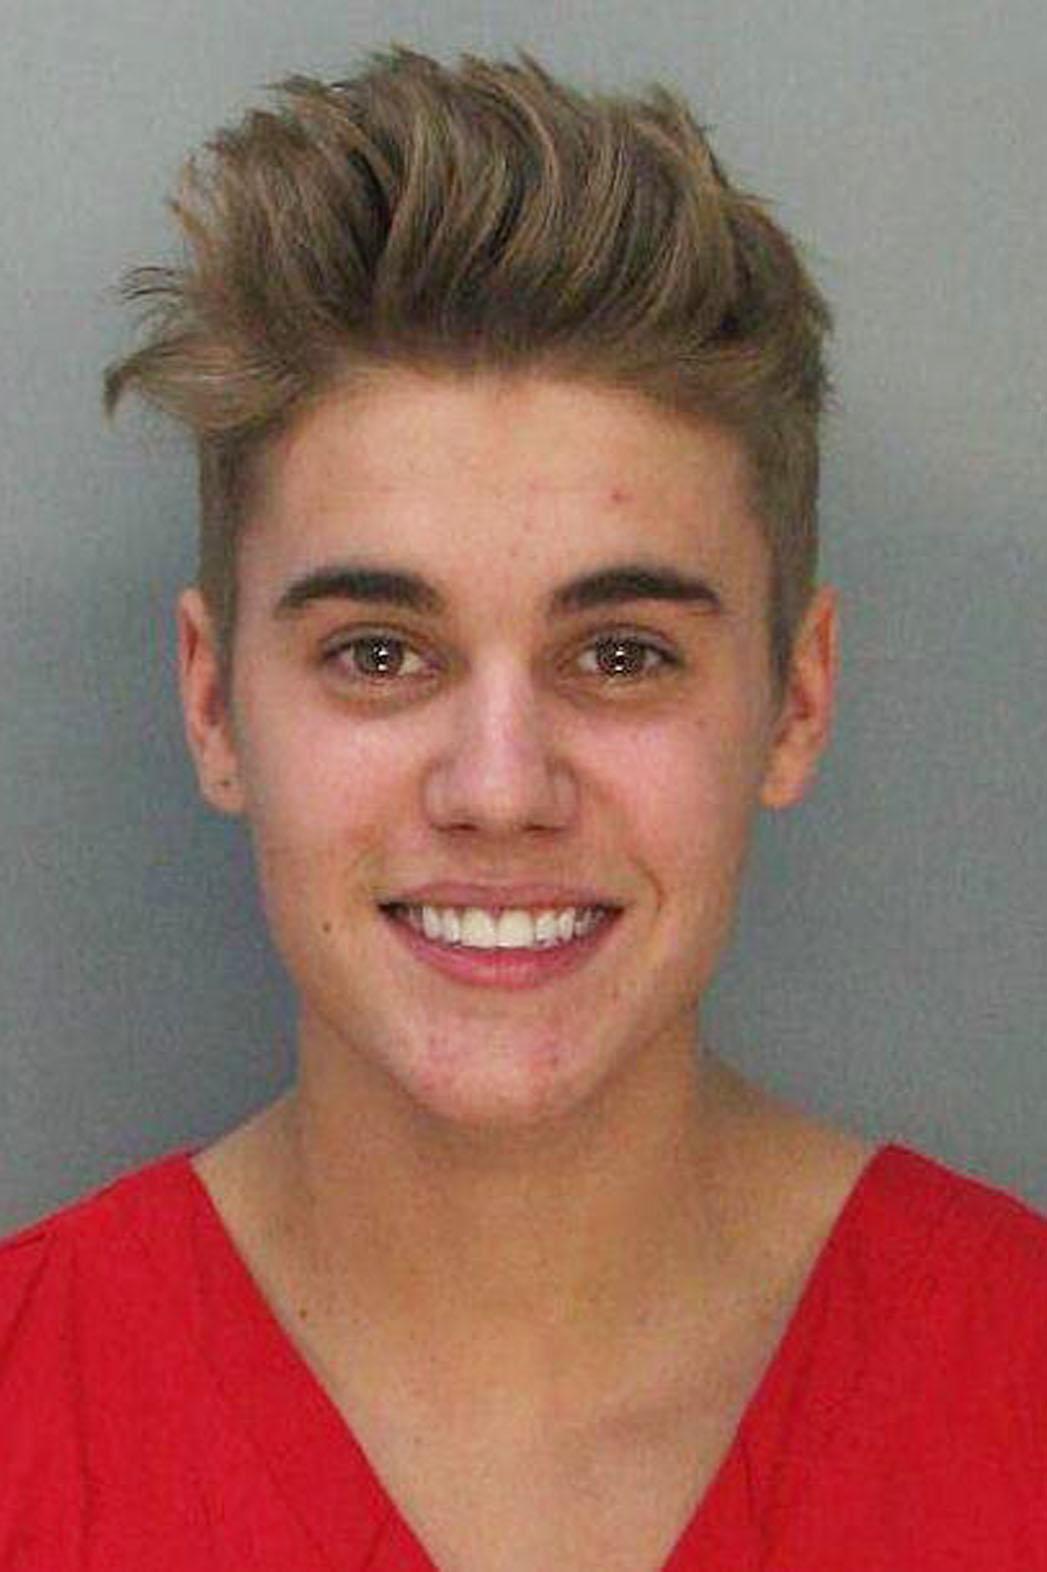 Justin Bieber Mugshot - P 2014